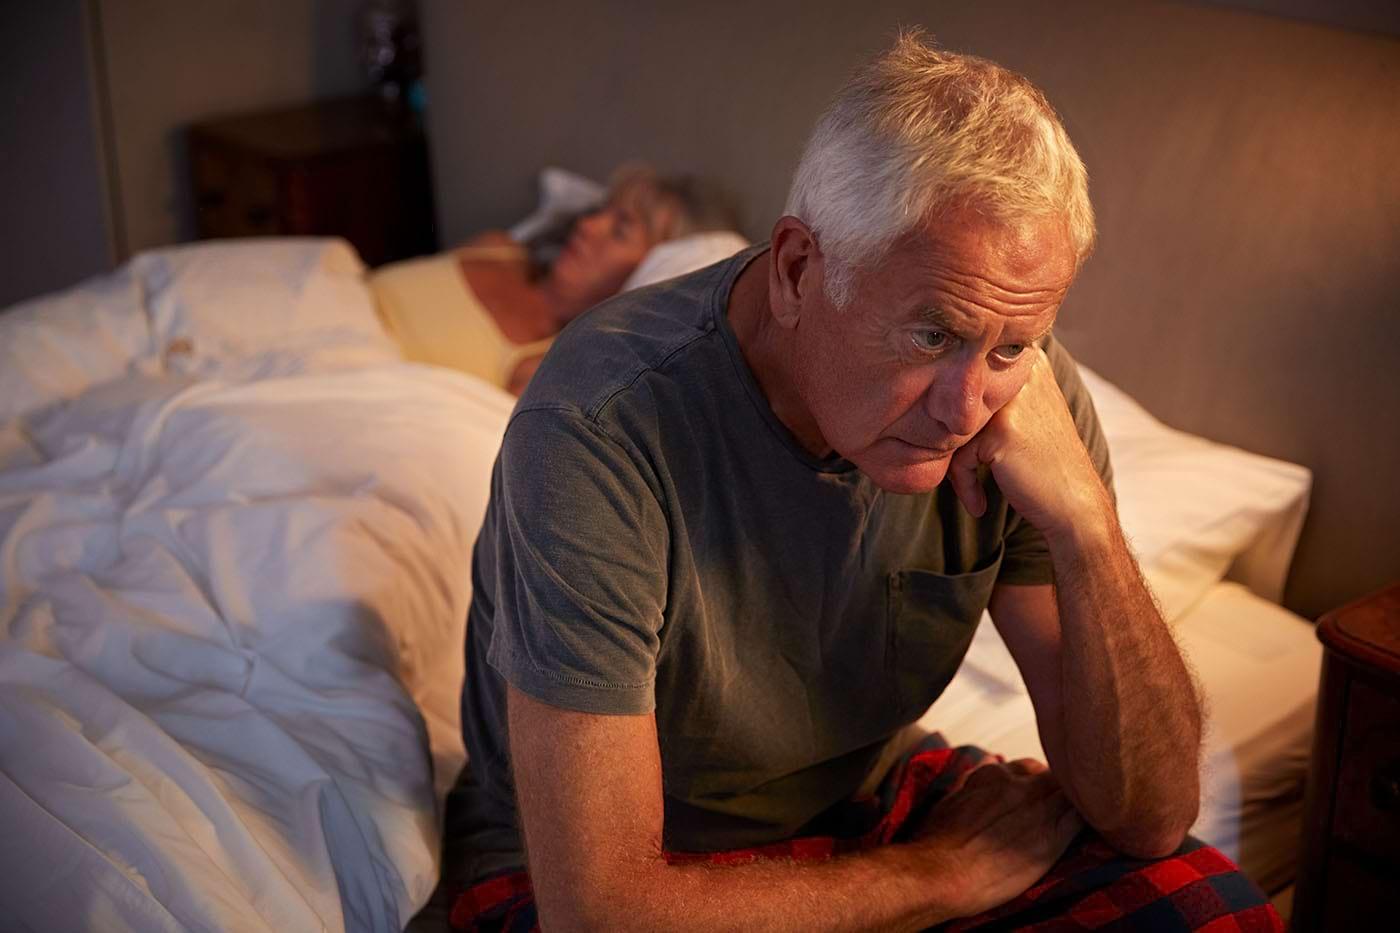 Persoanele cu insomnii, risc mai mare de COVID-19 în formă gravă [studiu]